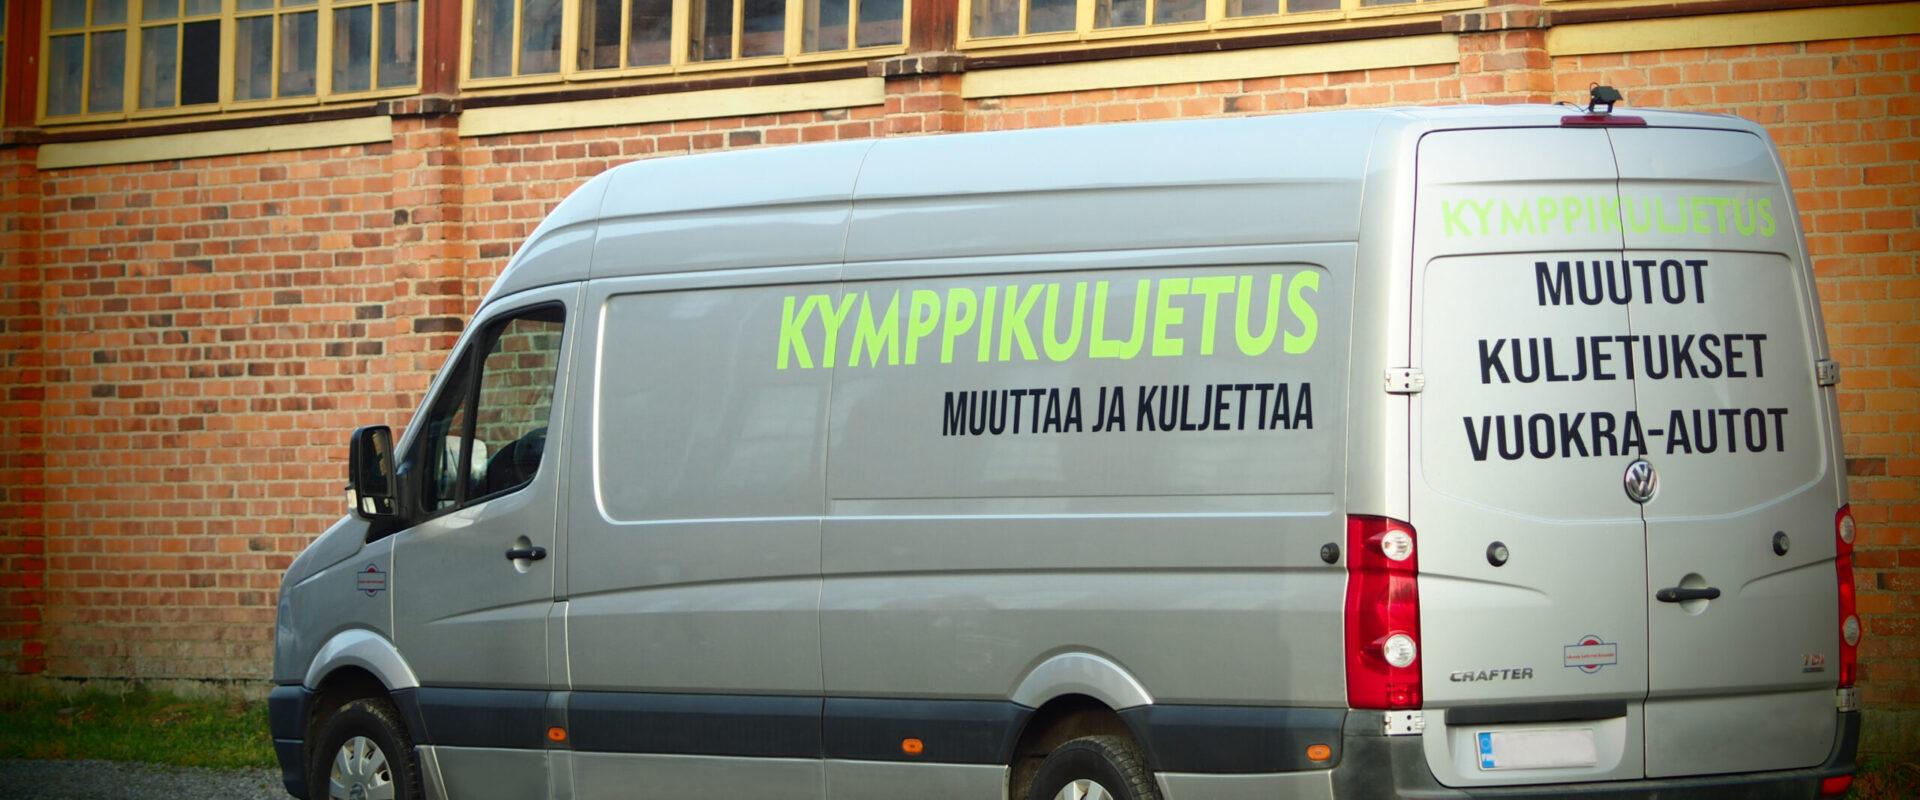 Joustava & luotettava kuljetus- ja muuttopalvelu Suomessa ja Pohjoismaissa